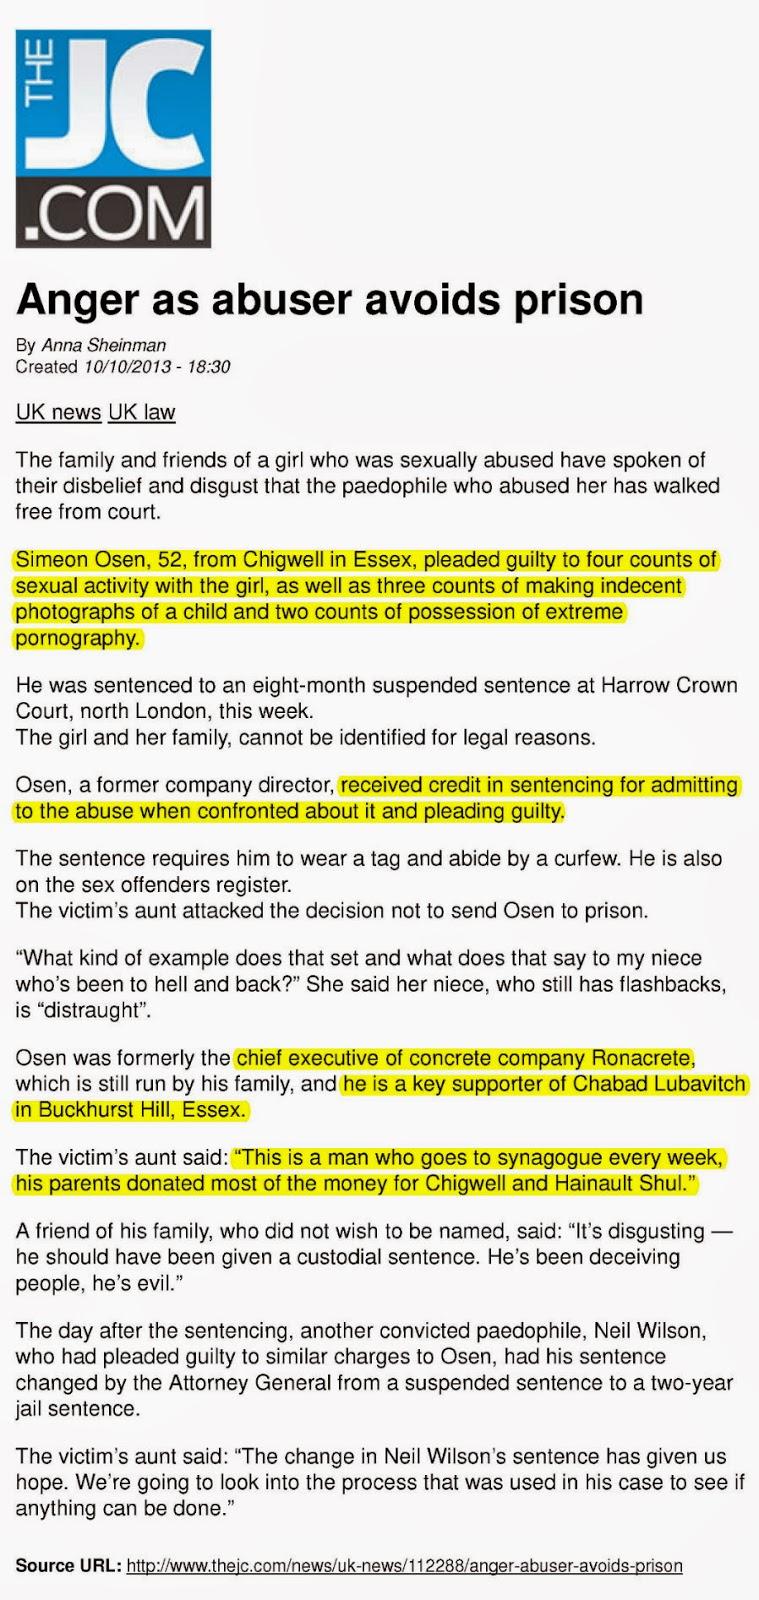 http://www.thejc.com/news/uk-news/112288/anger-abuser-avoids-prison